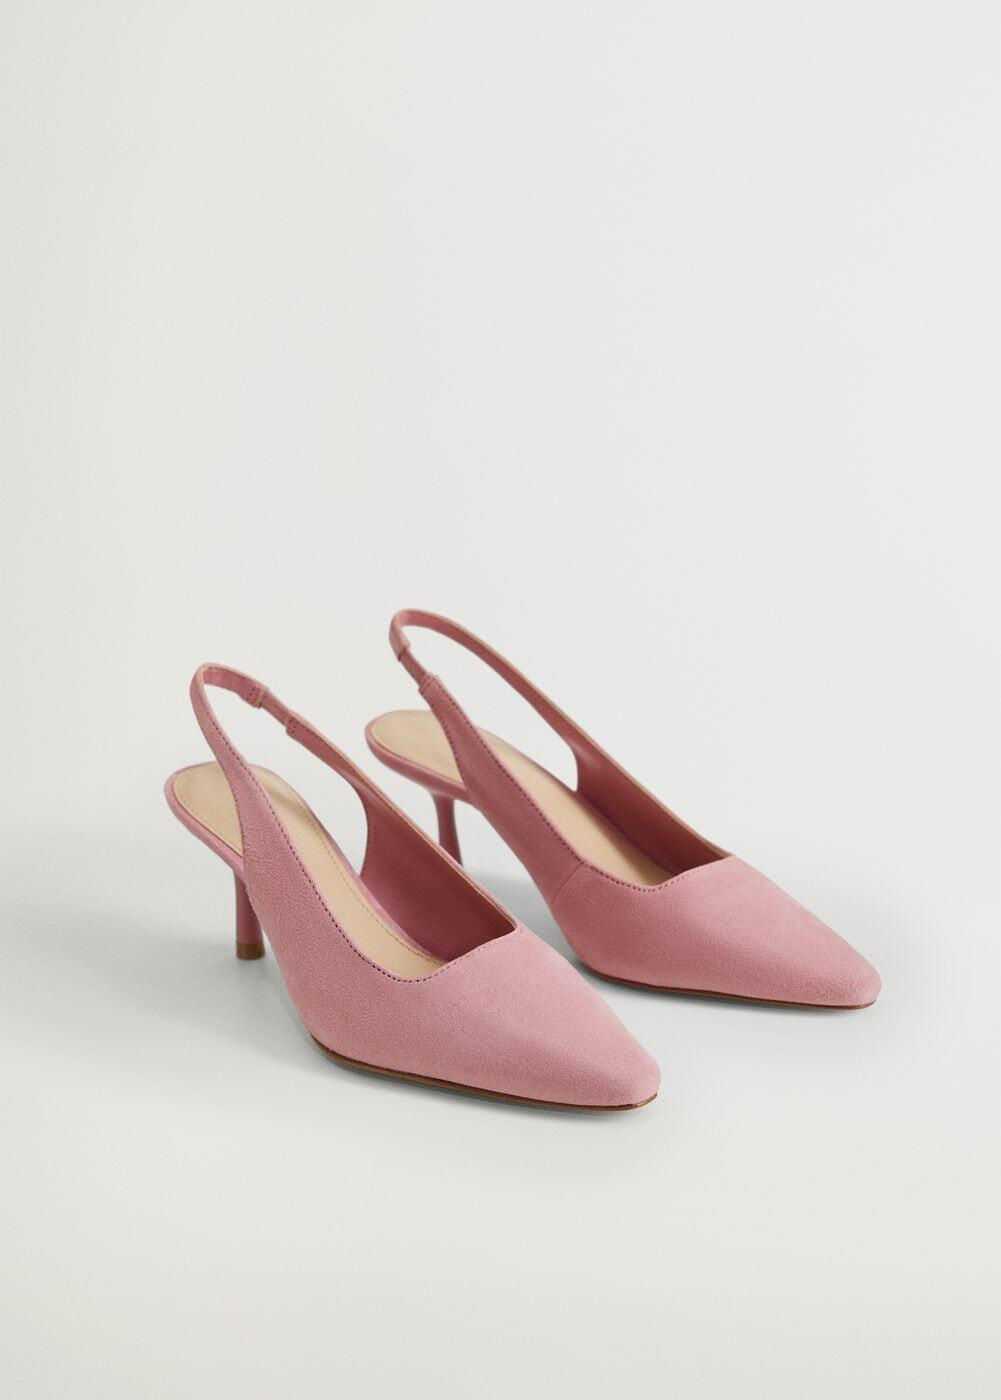 Giày nữ cao gót mũi nhọn màu hồng mango